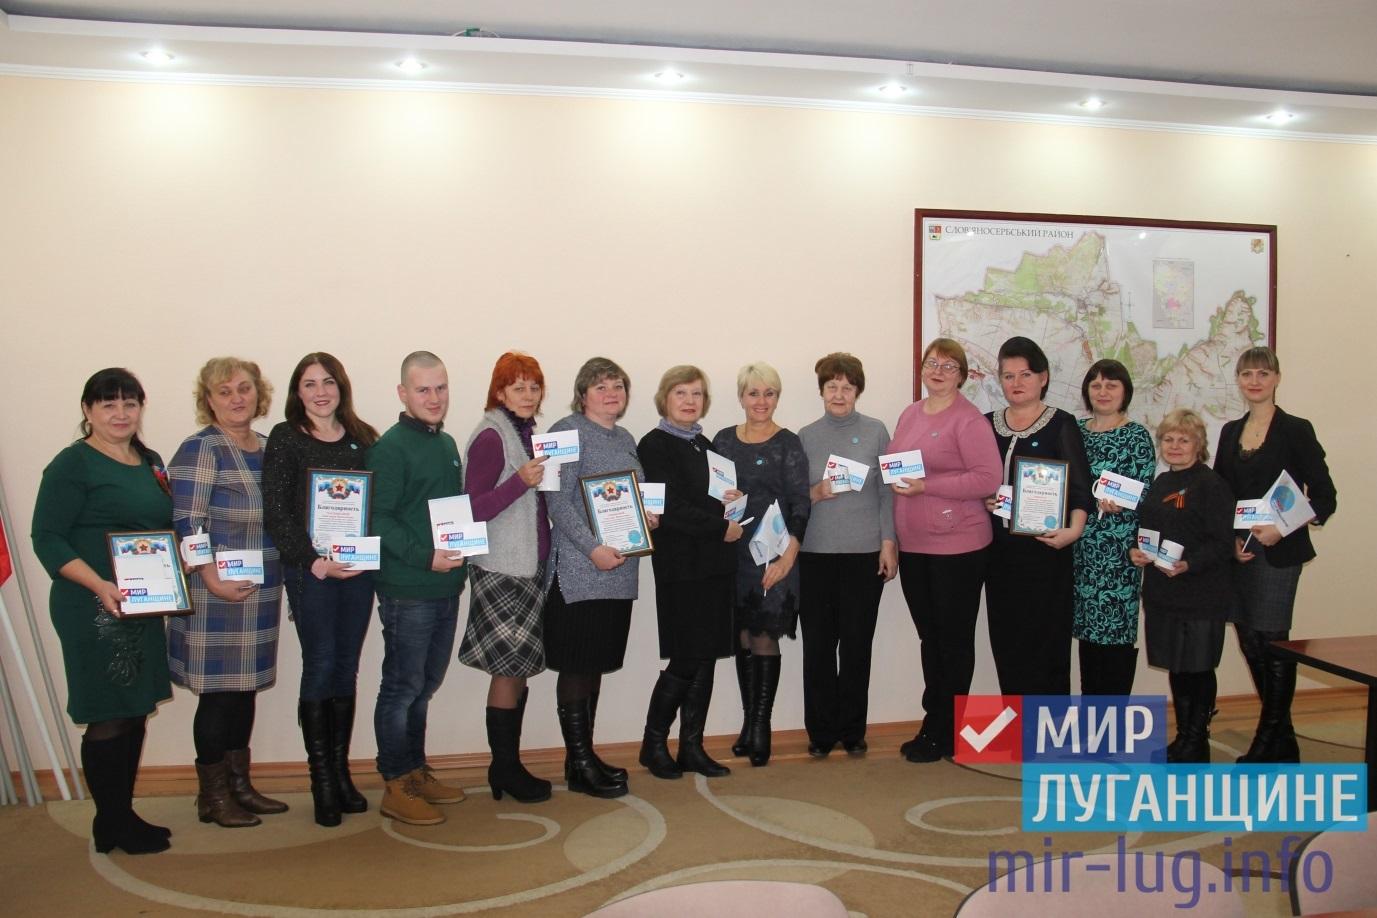 В Славяносербском терисполкоме ОД «Мир Луганщине» состоялась встреча актива движения 1